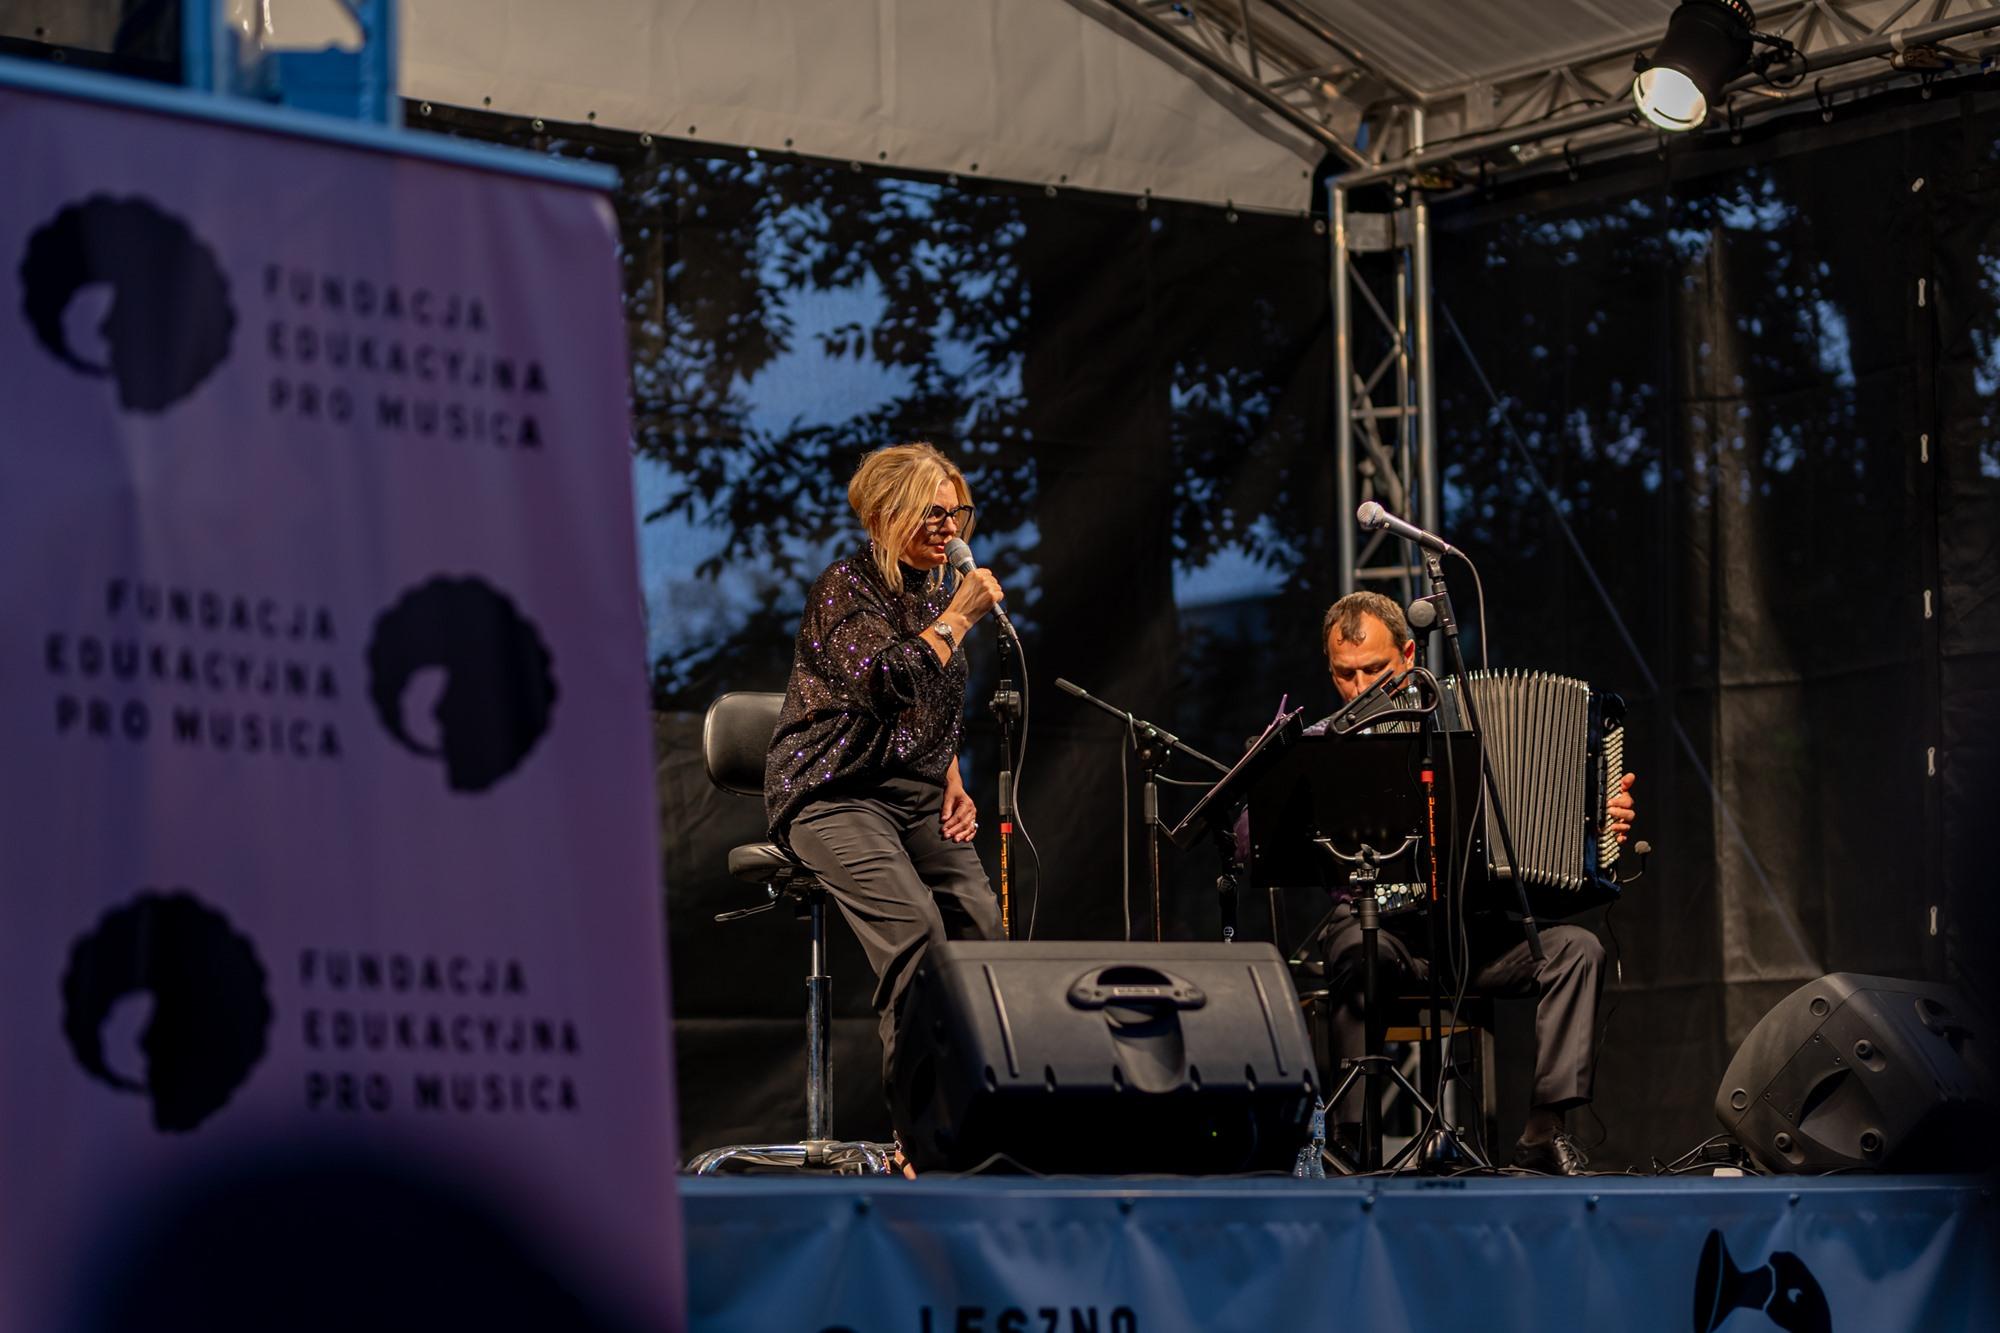 Grażyna Auguścik & Jarosław Bester